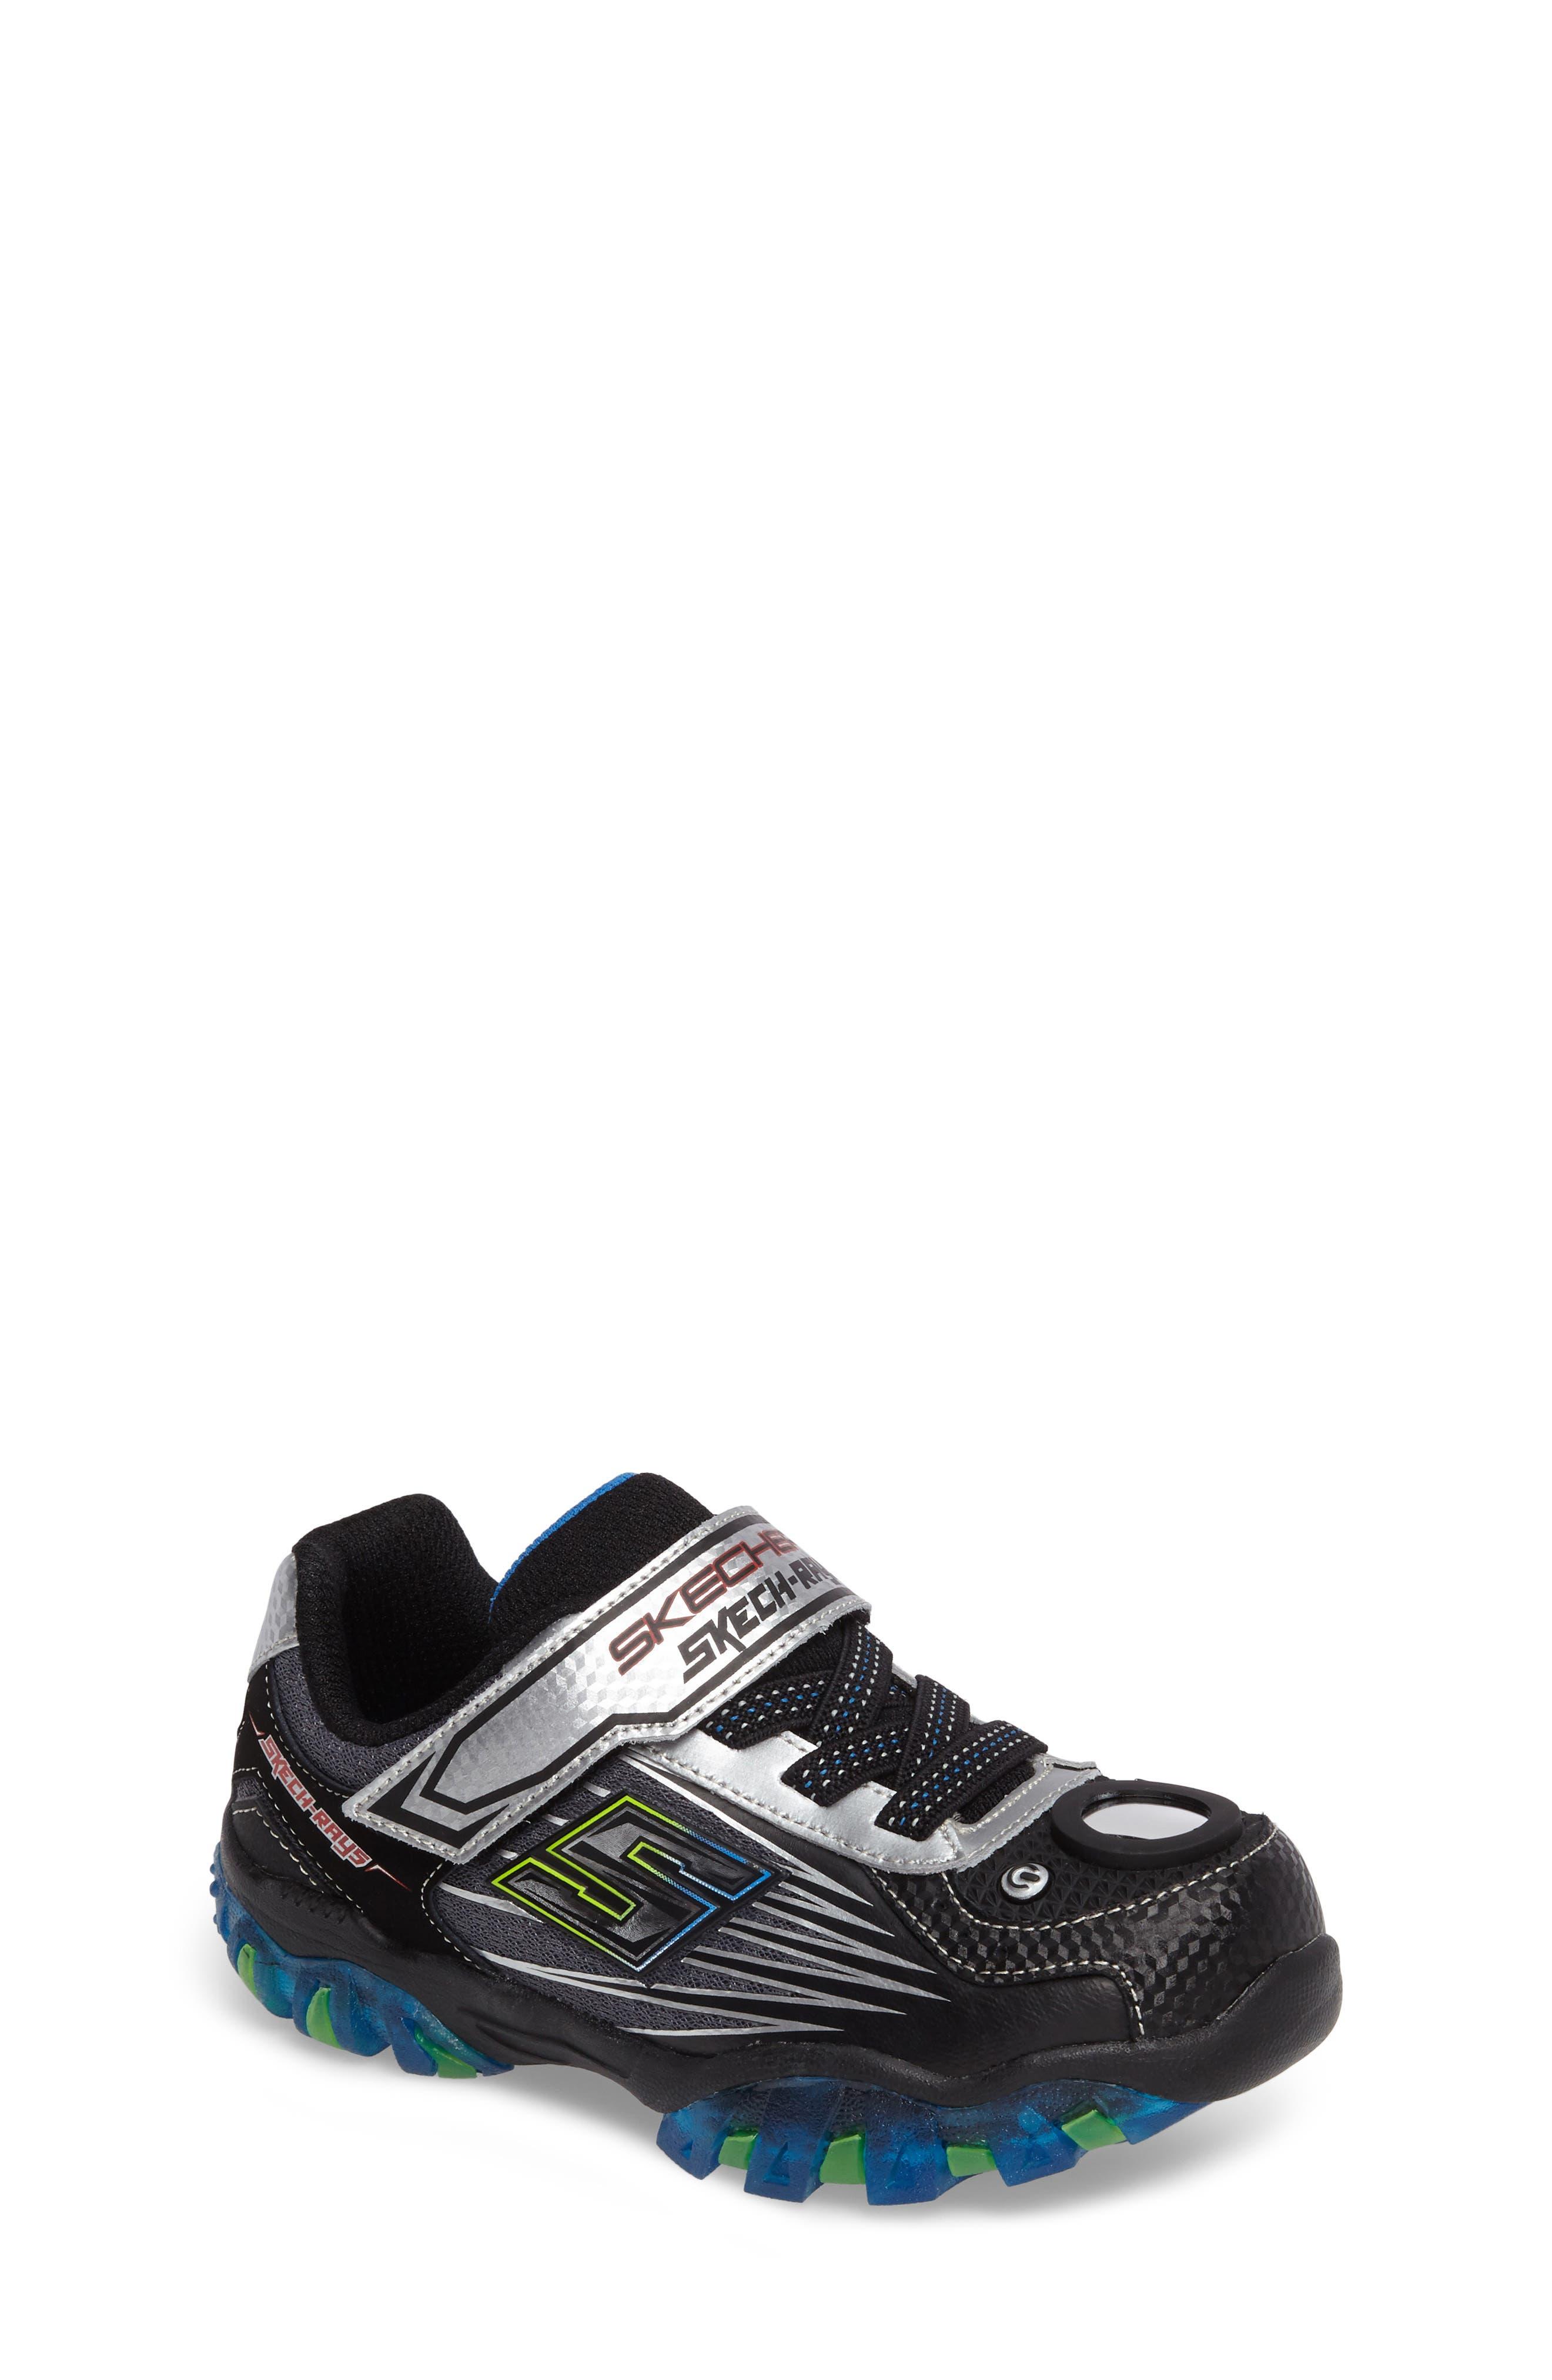 SKECHERS Skech-Rays Street Lightz 2.0 Light-Up Sneaker (Toddler & Little Kid)